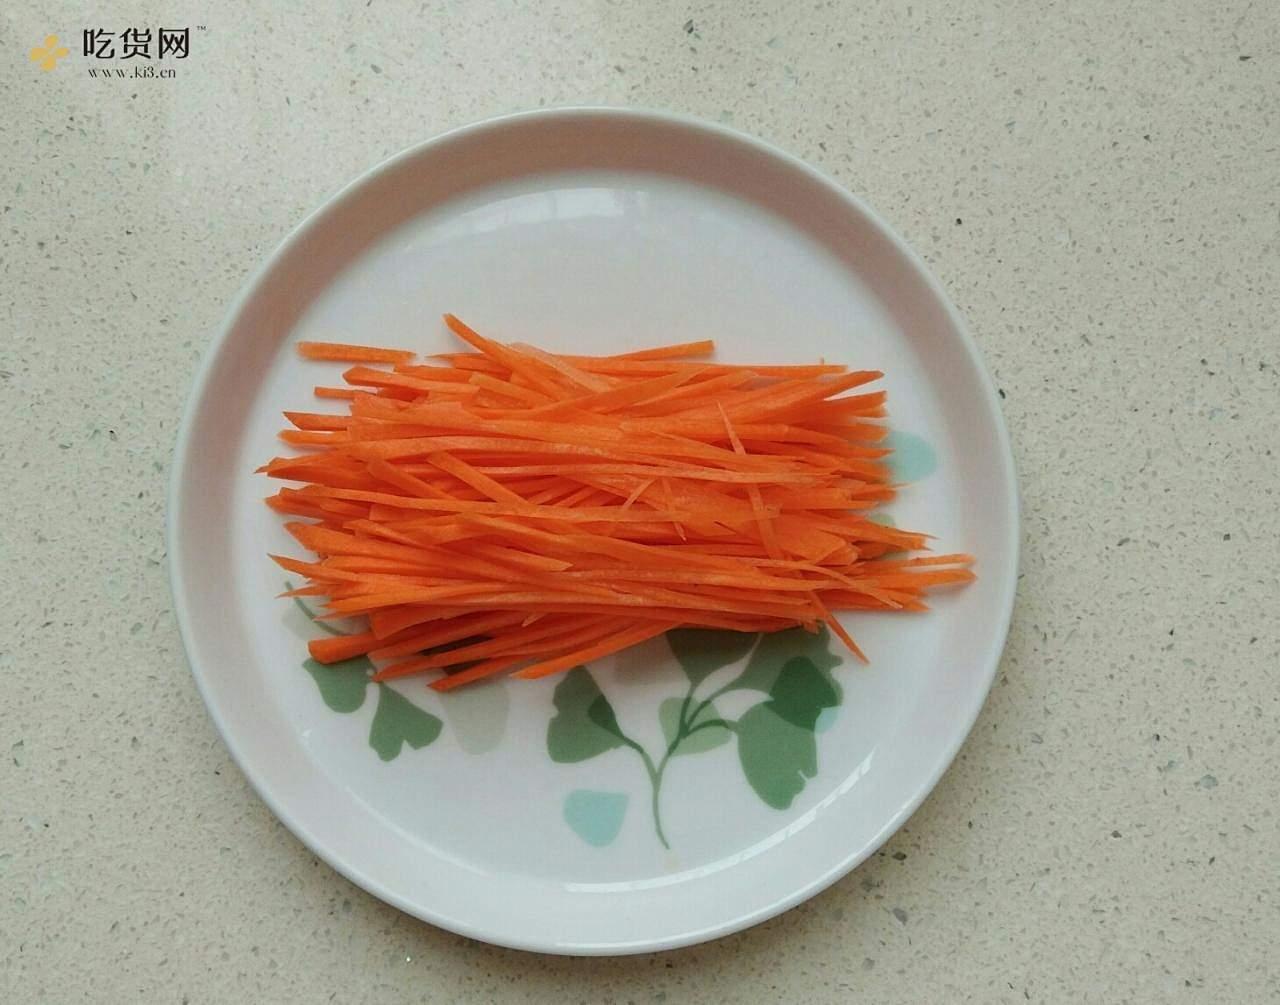 减脂,断糖也能吃的麻辣鸡丝凉面(西葫芦丝)的做法 步骤5